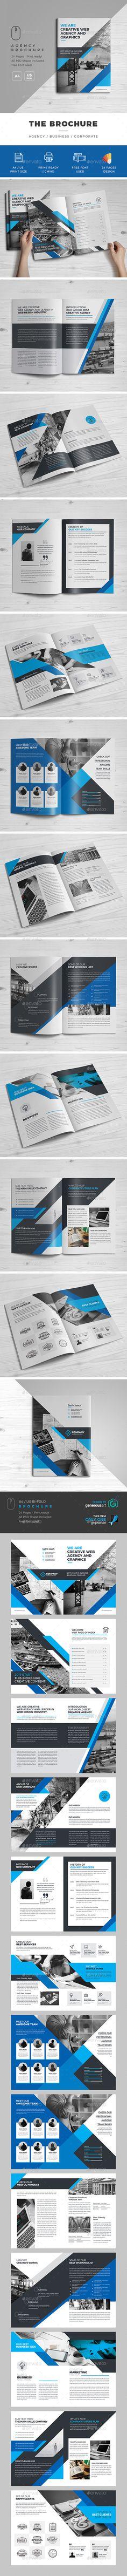 The Brochure - Brochures Print Templates | Download: https://graphicriver.net/item/the-brochure/19483969?ref=sinzo